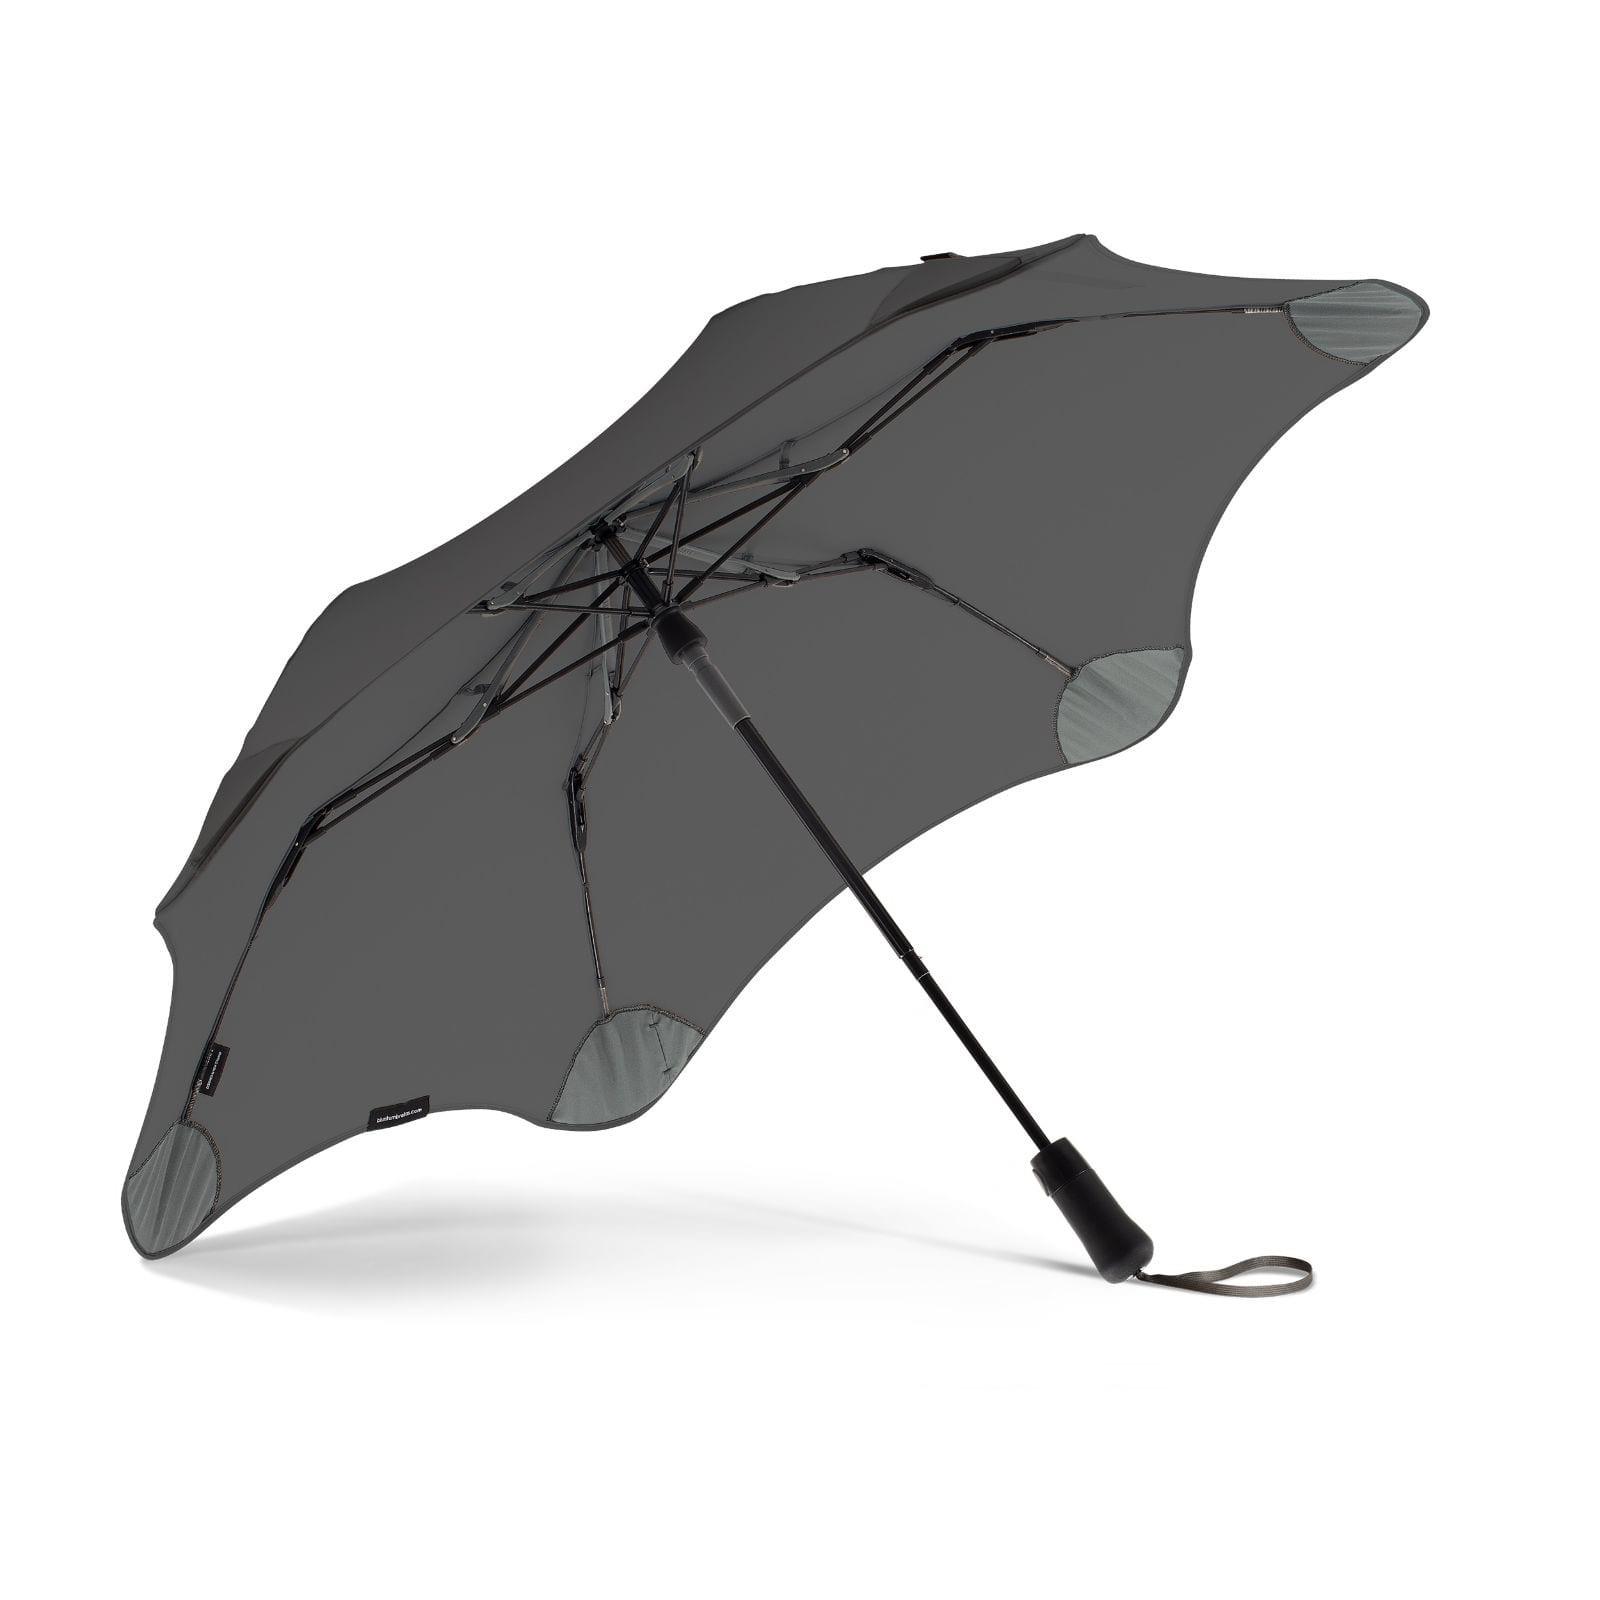 Metro Automatic Storm Umbrella (Charcoal) - Blunt